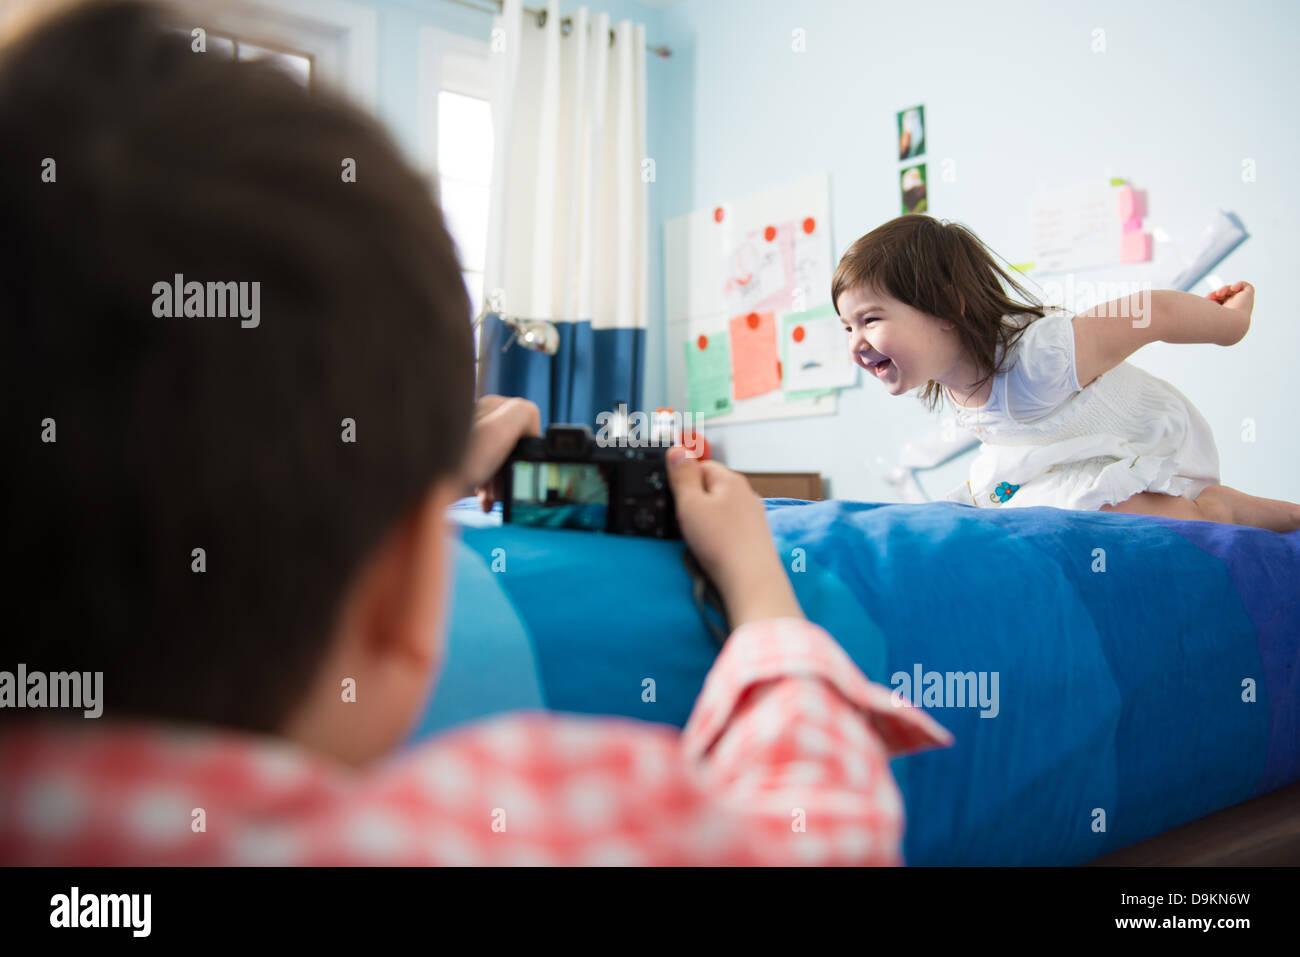 Junge Fotografieren von Schwester spielen handeln Stockbild